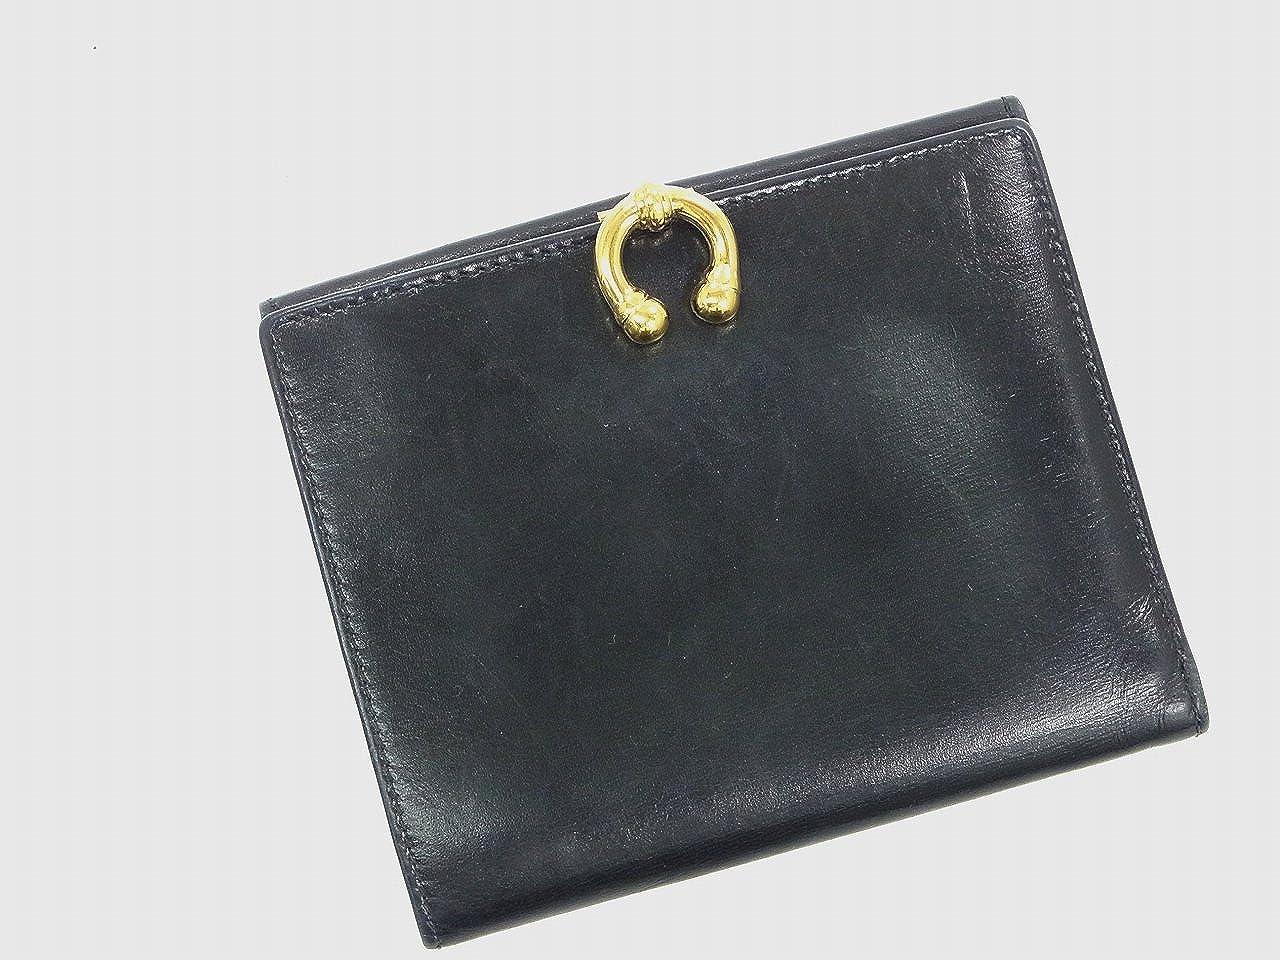 [グッチ] GUCCI 二つ折り財布 レザー X10177 中古   B01BHGZCM6